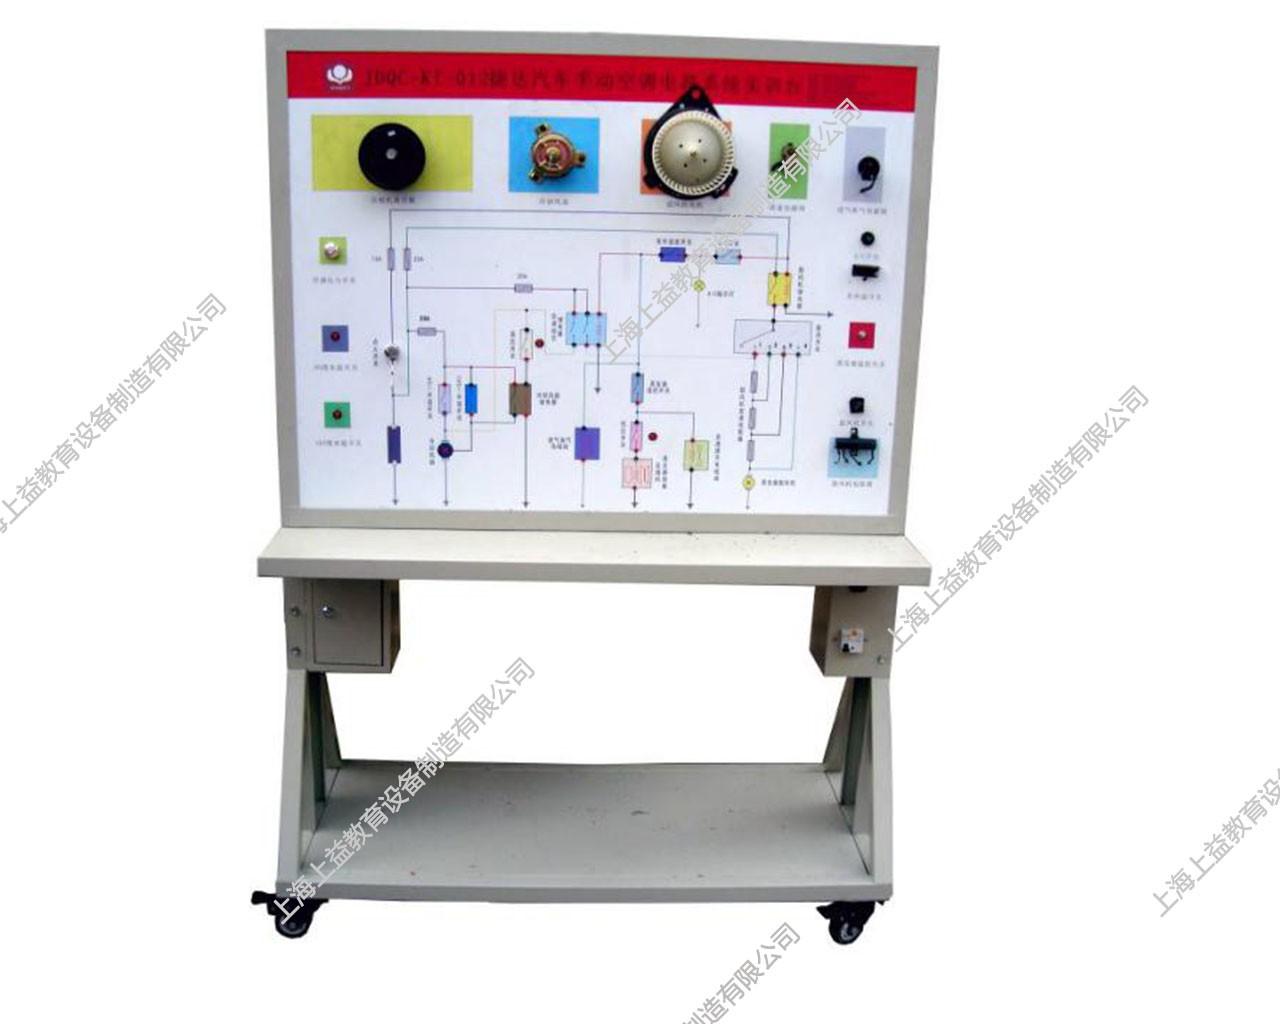 大众捷达汽车手动空调电路系统示教板